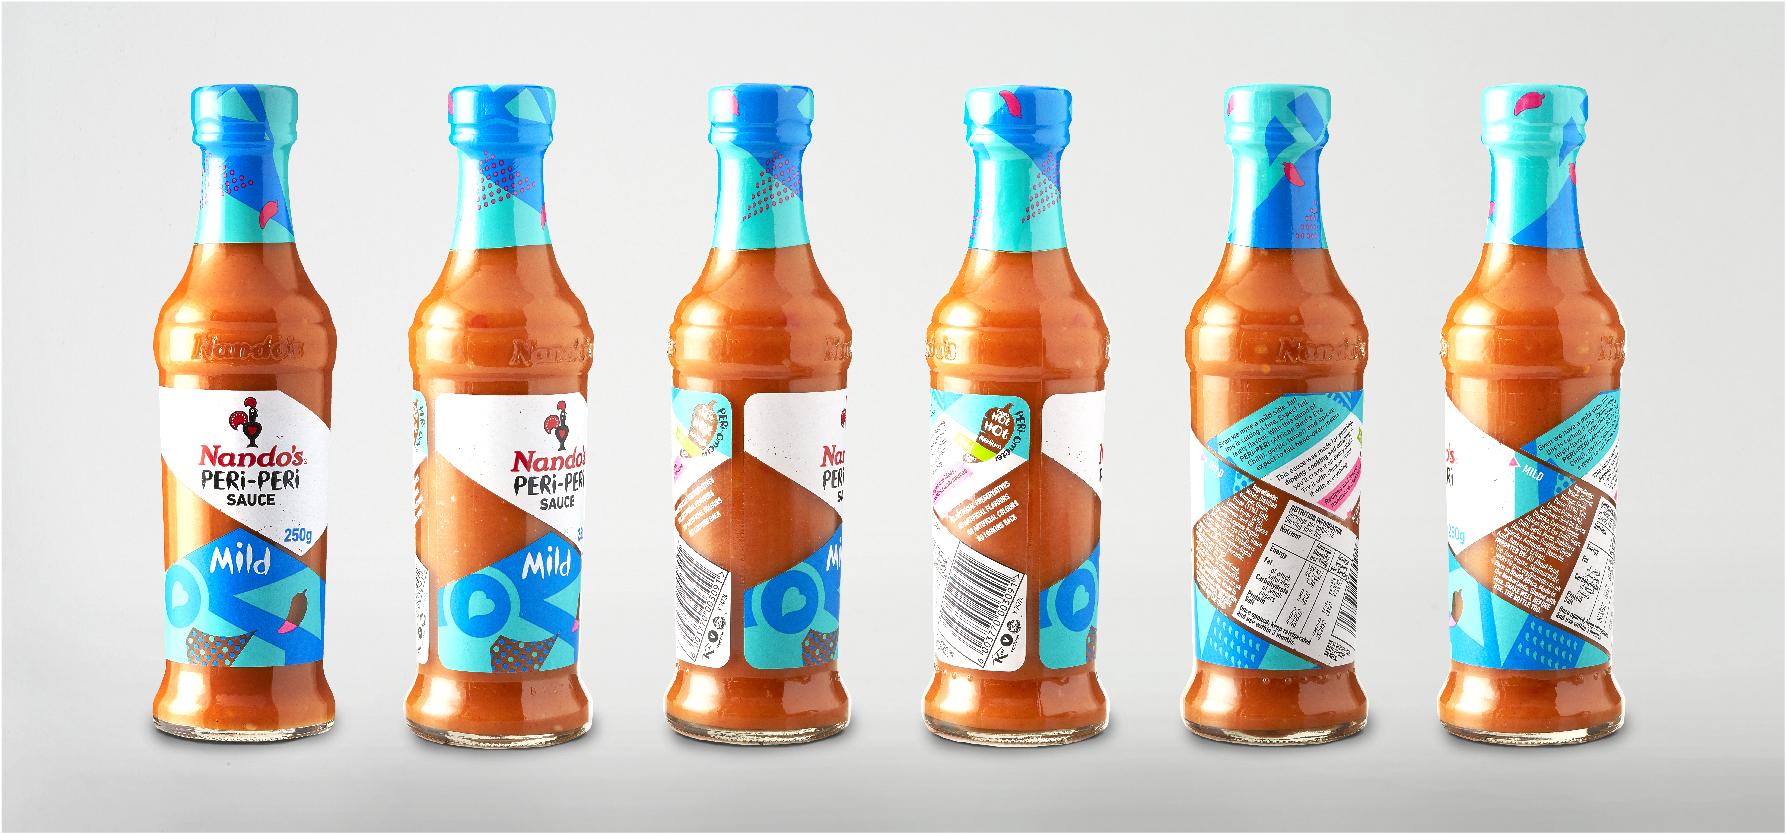 Nando's PERi-PERi sauce new